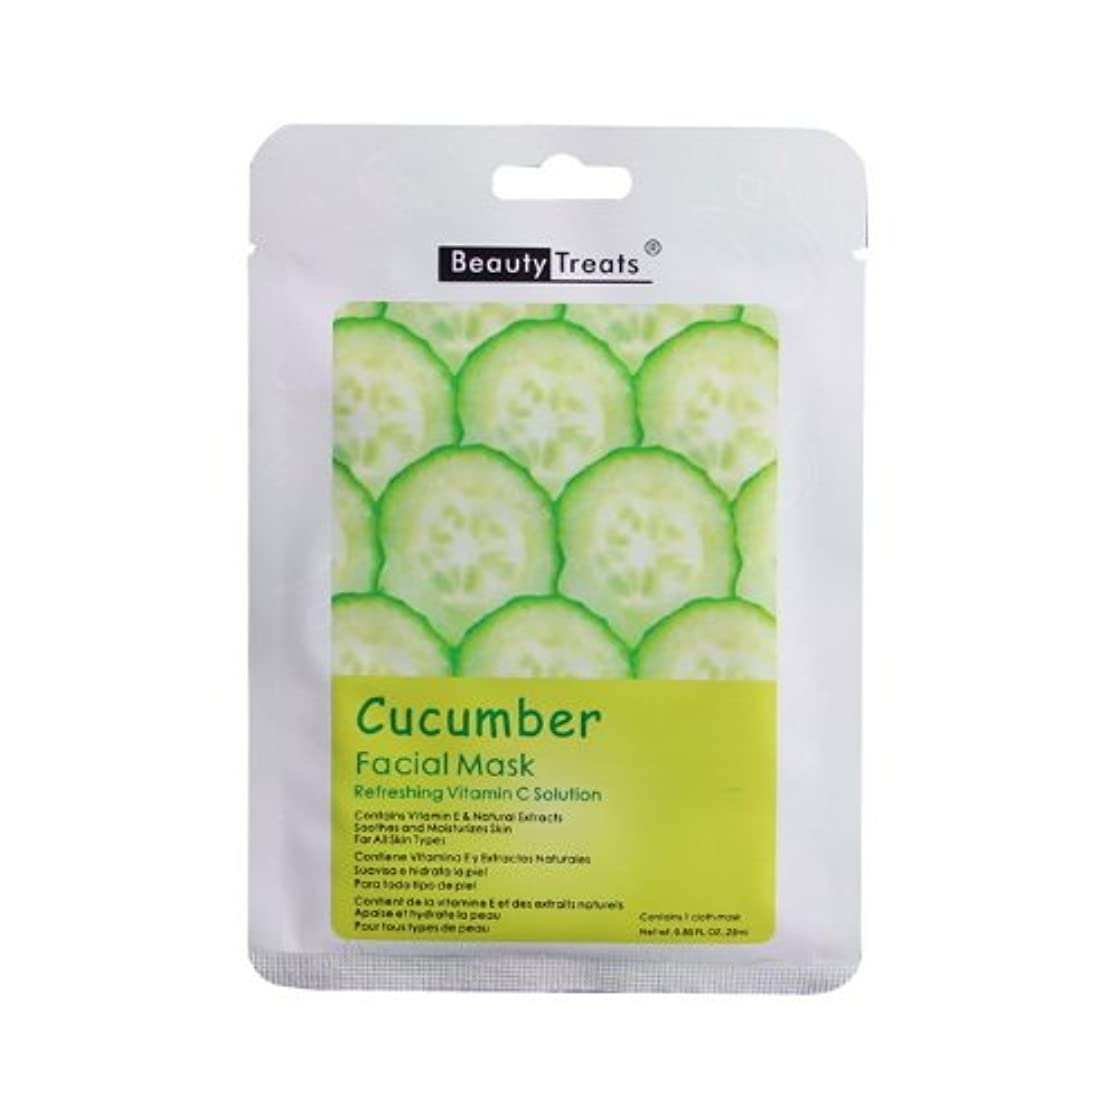 受取人寄稿者床(6 Pack) BEAUTY TREATS Facial Mask Refreshing Vitamin C Solution - Cucumber (並行輸入品)